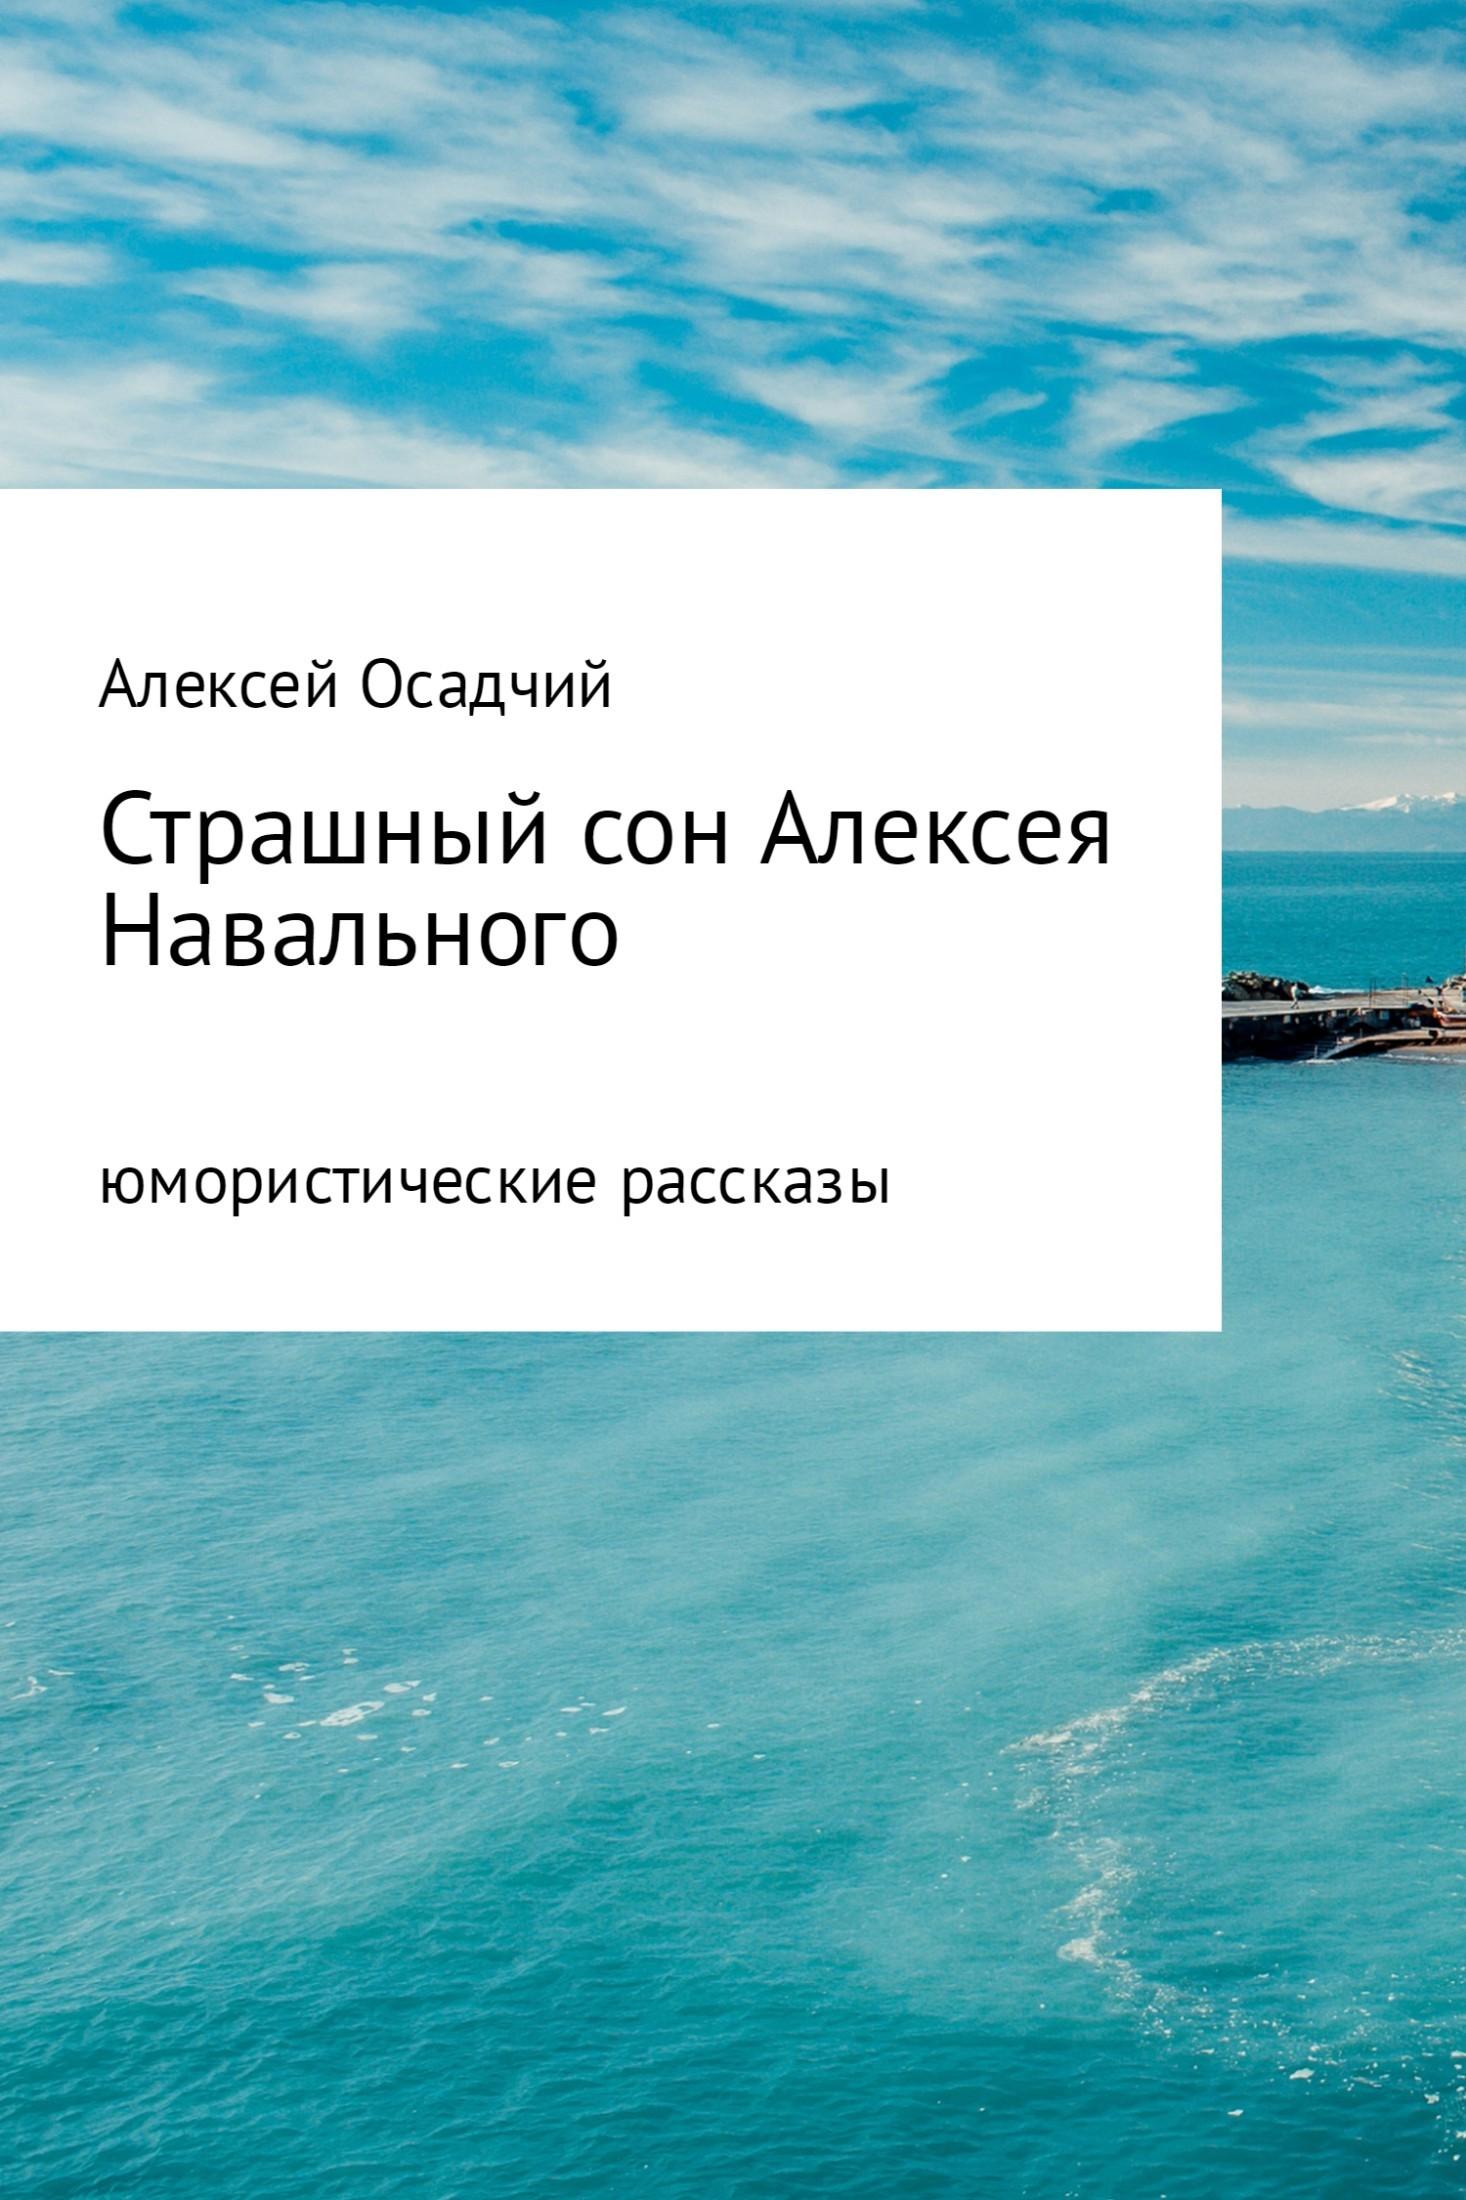 Страшный сон Алексея Навального